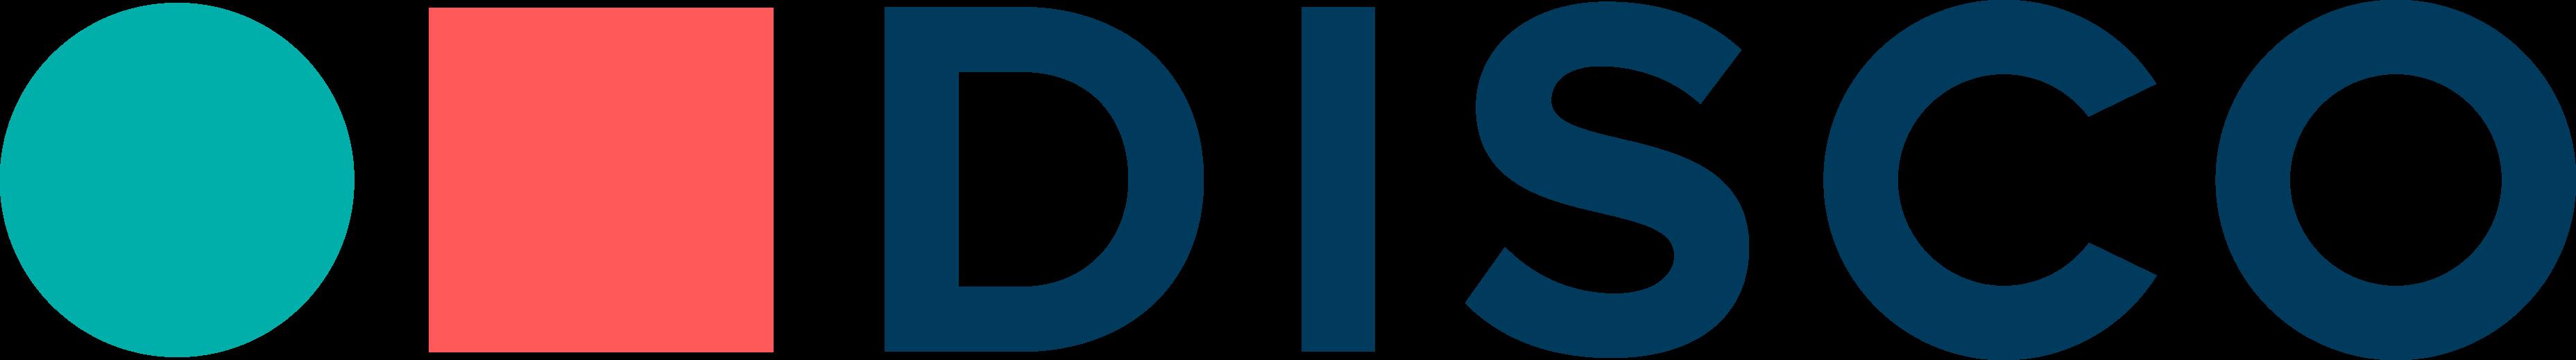 DISCO Review logo